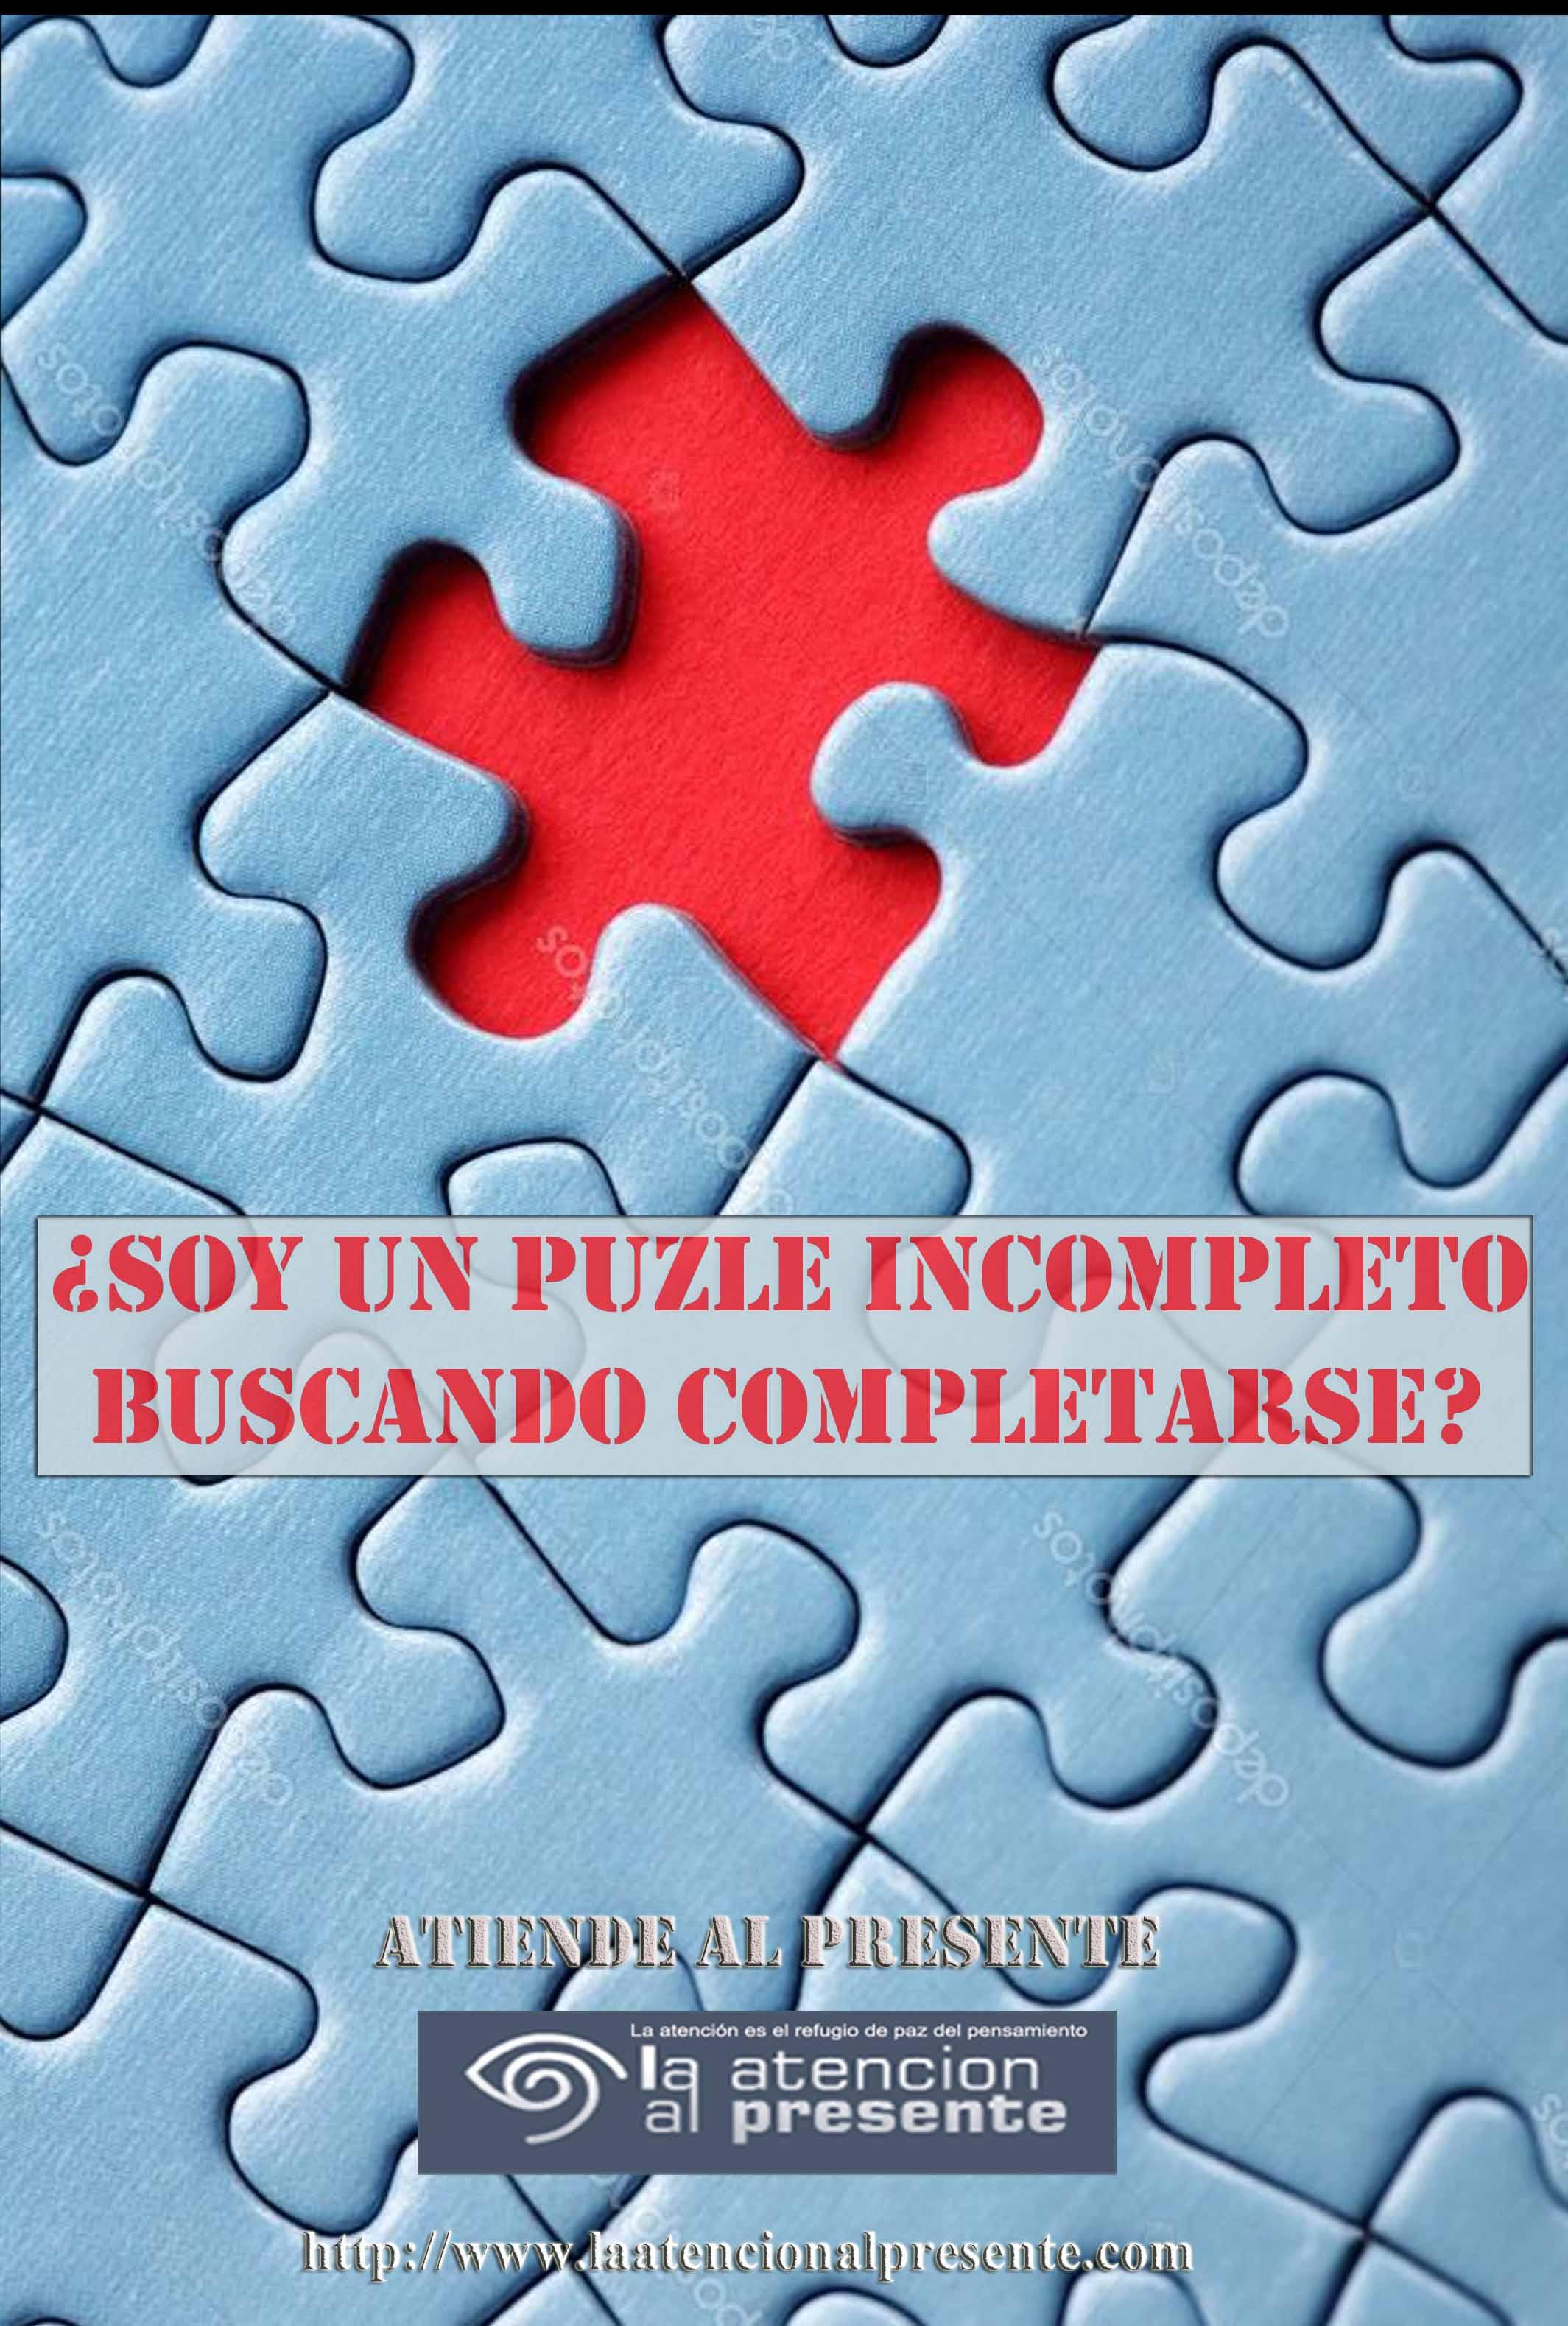 29 de enero Pepe Soy un puzle incompleto buscando completarse